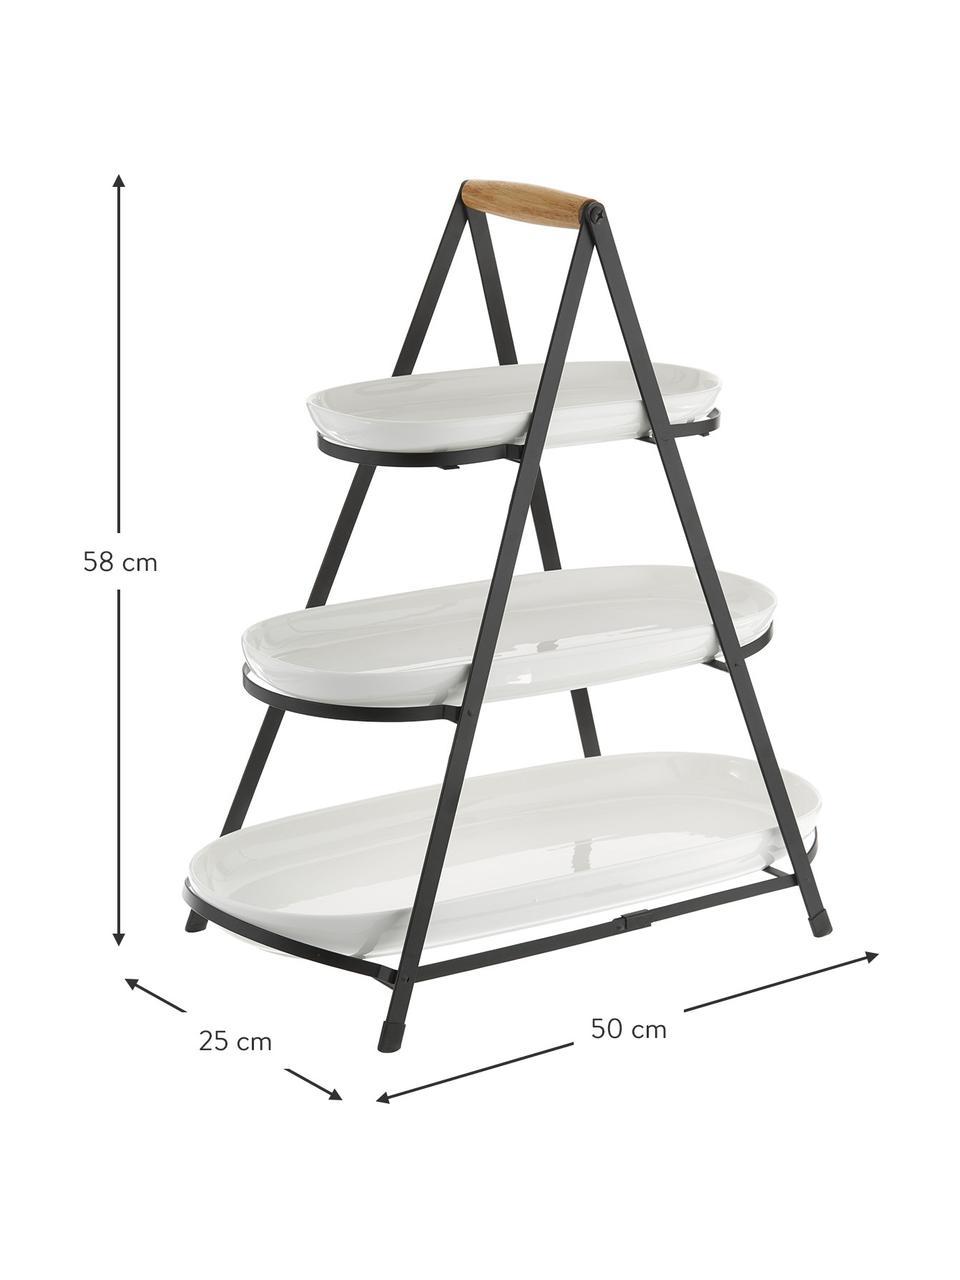 Etagere Tower mit abnehmbaren Ablageflächen aus Porzellan, Gestell: Metall, Griff: Holz, Weiß, Schwarz, Holz, B 50 x H 55 cm